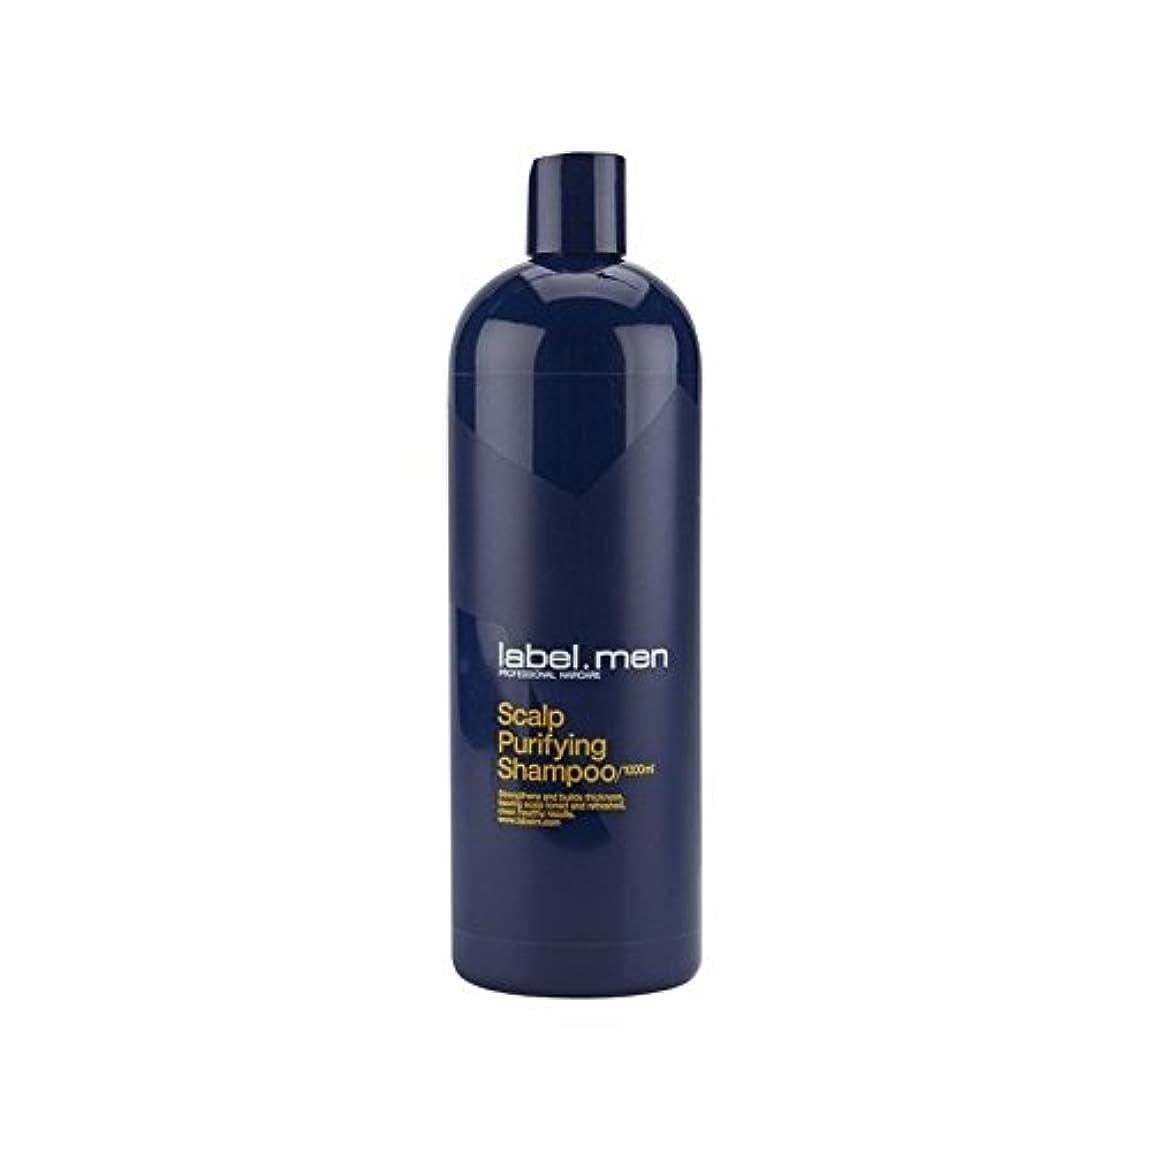 宿命故障雑多なLabel.Men Scalp Purifying Shampoo (1000ml) - .頭皮浄化シャンプー(千ミリリットル) [並行輸入品]